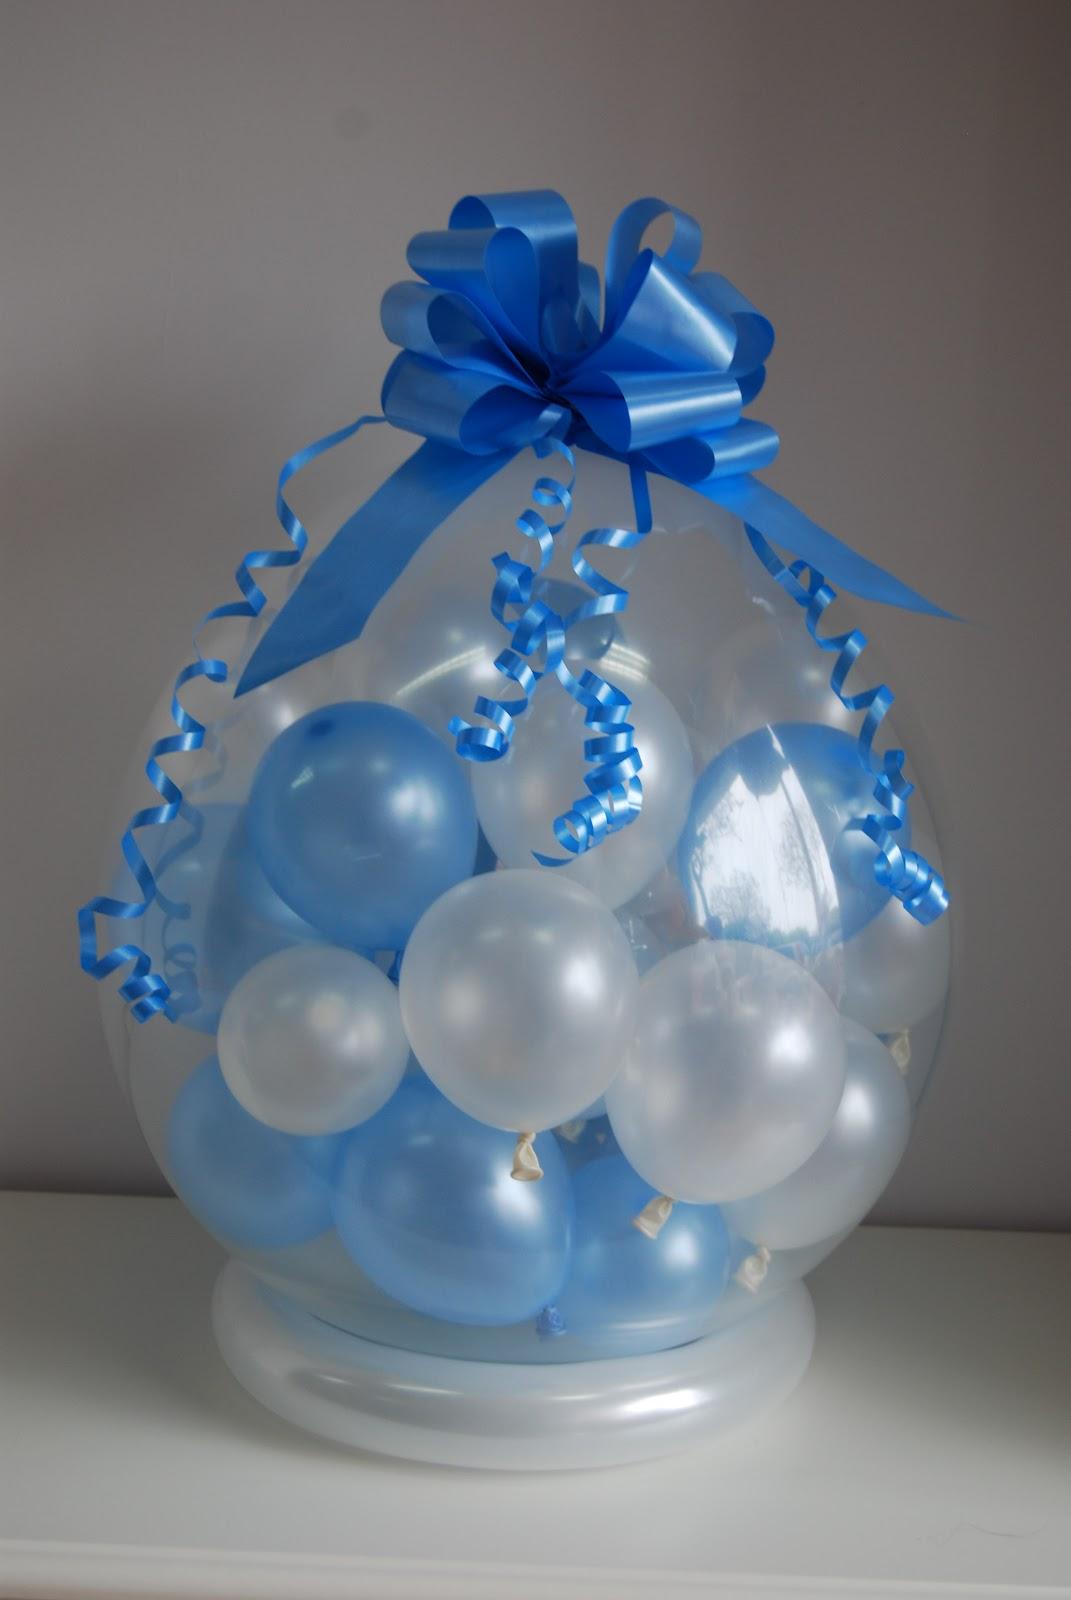 El principito globos y regalos regalos para bebes o nacimientos - Que regalar en un bautizo al bebe ...